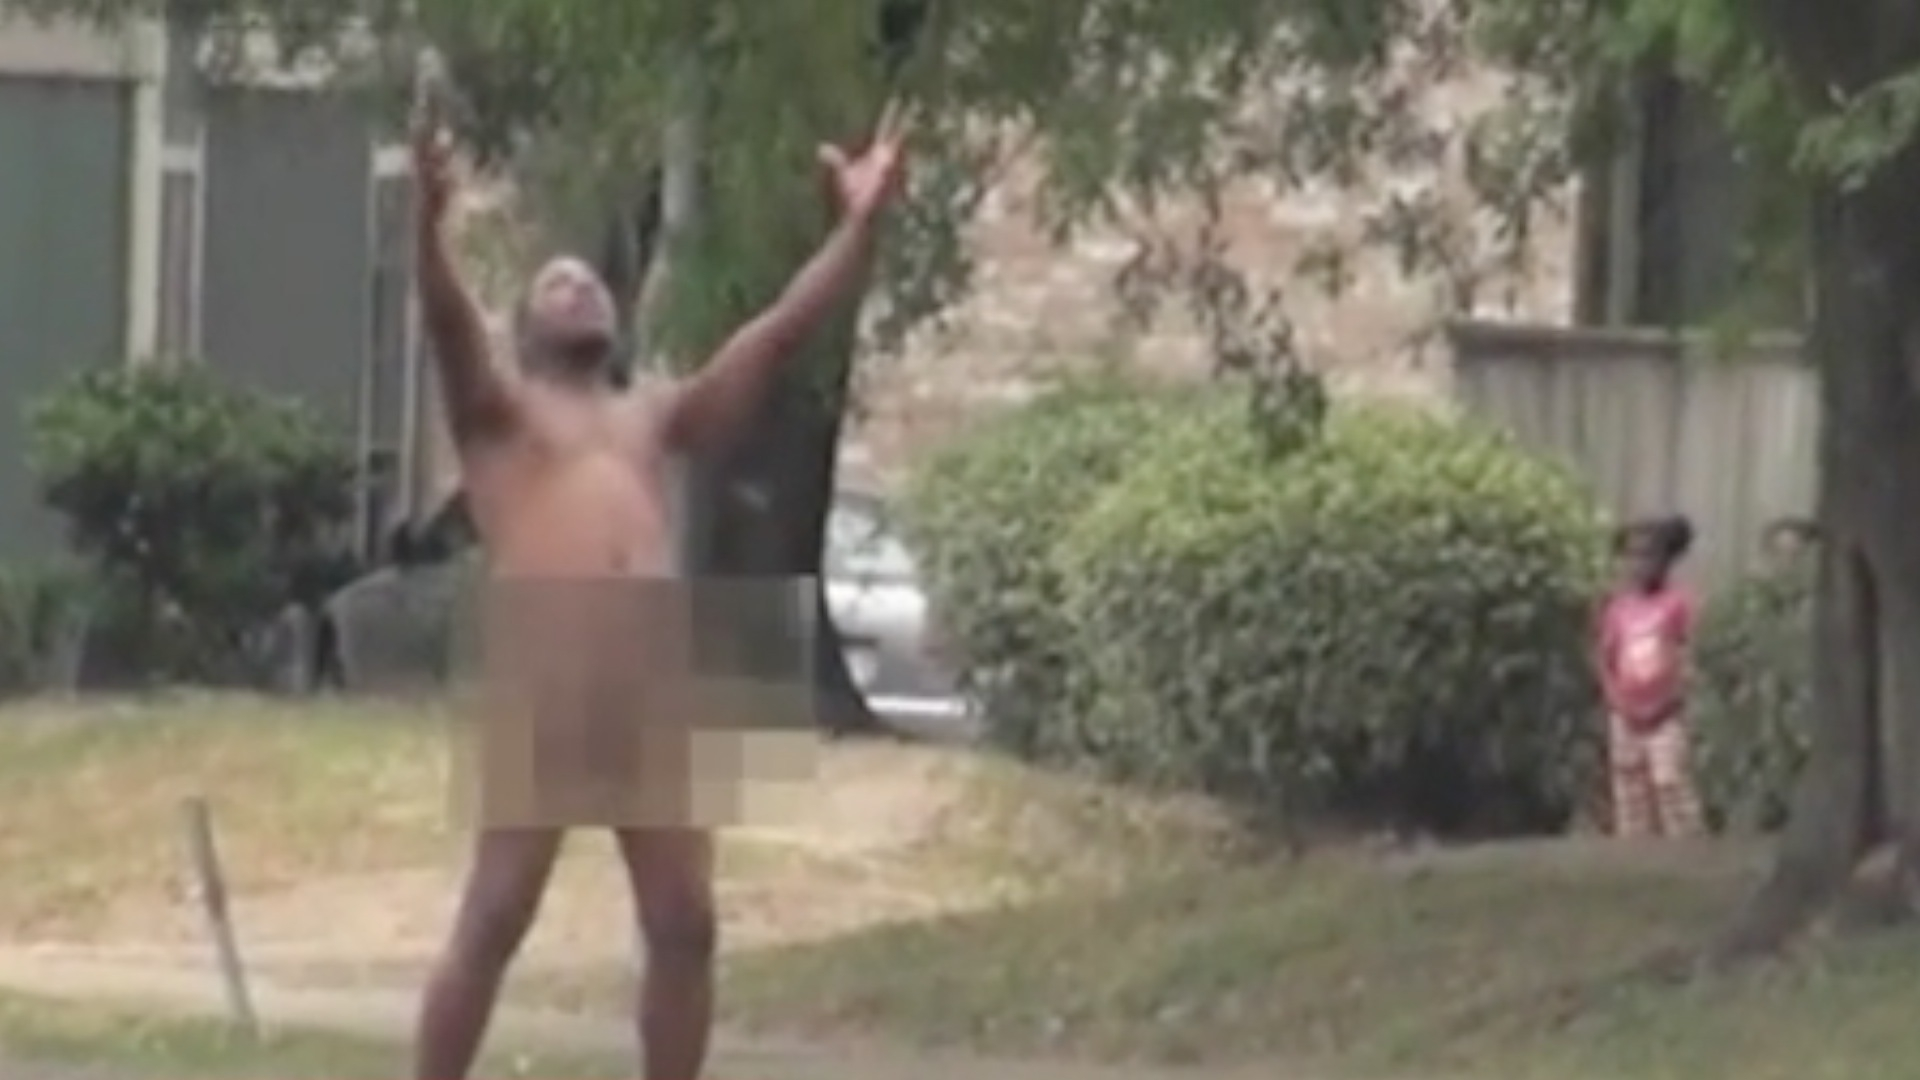 Nude Man Twerks in Street, Sings Beyonce